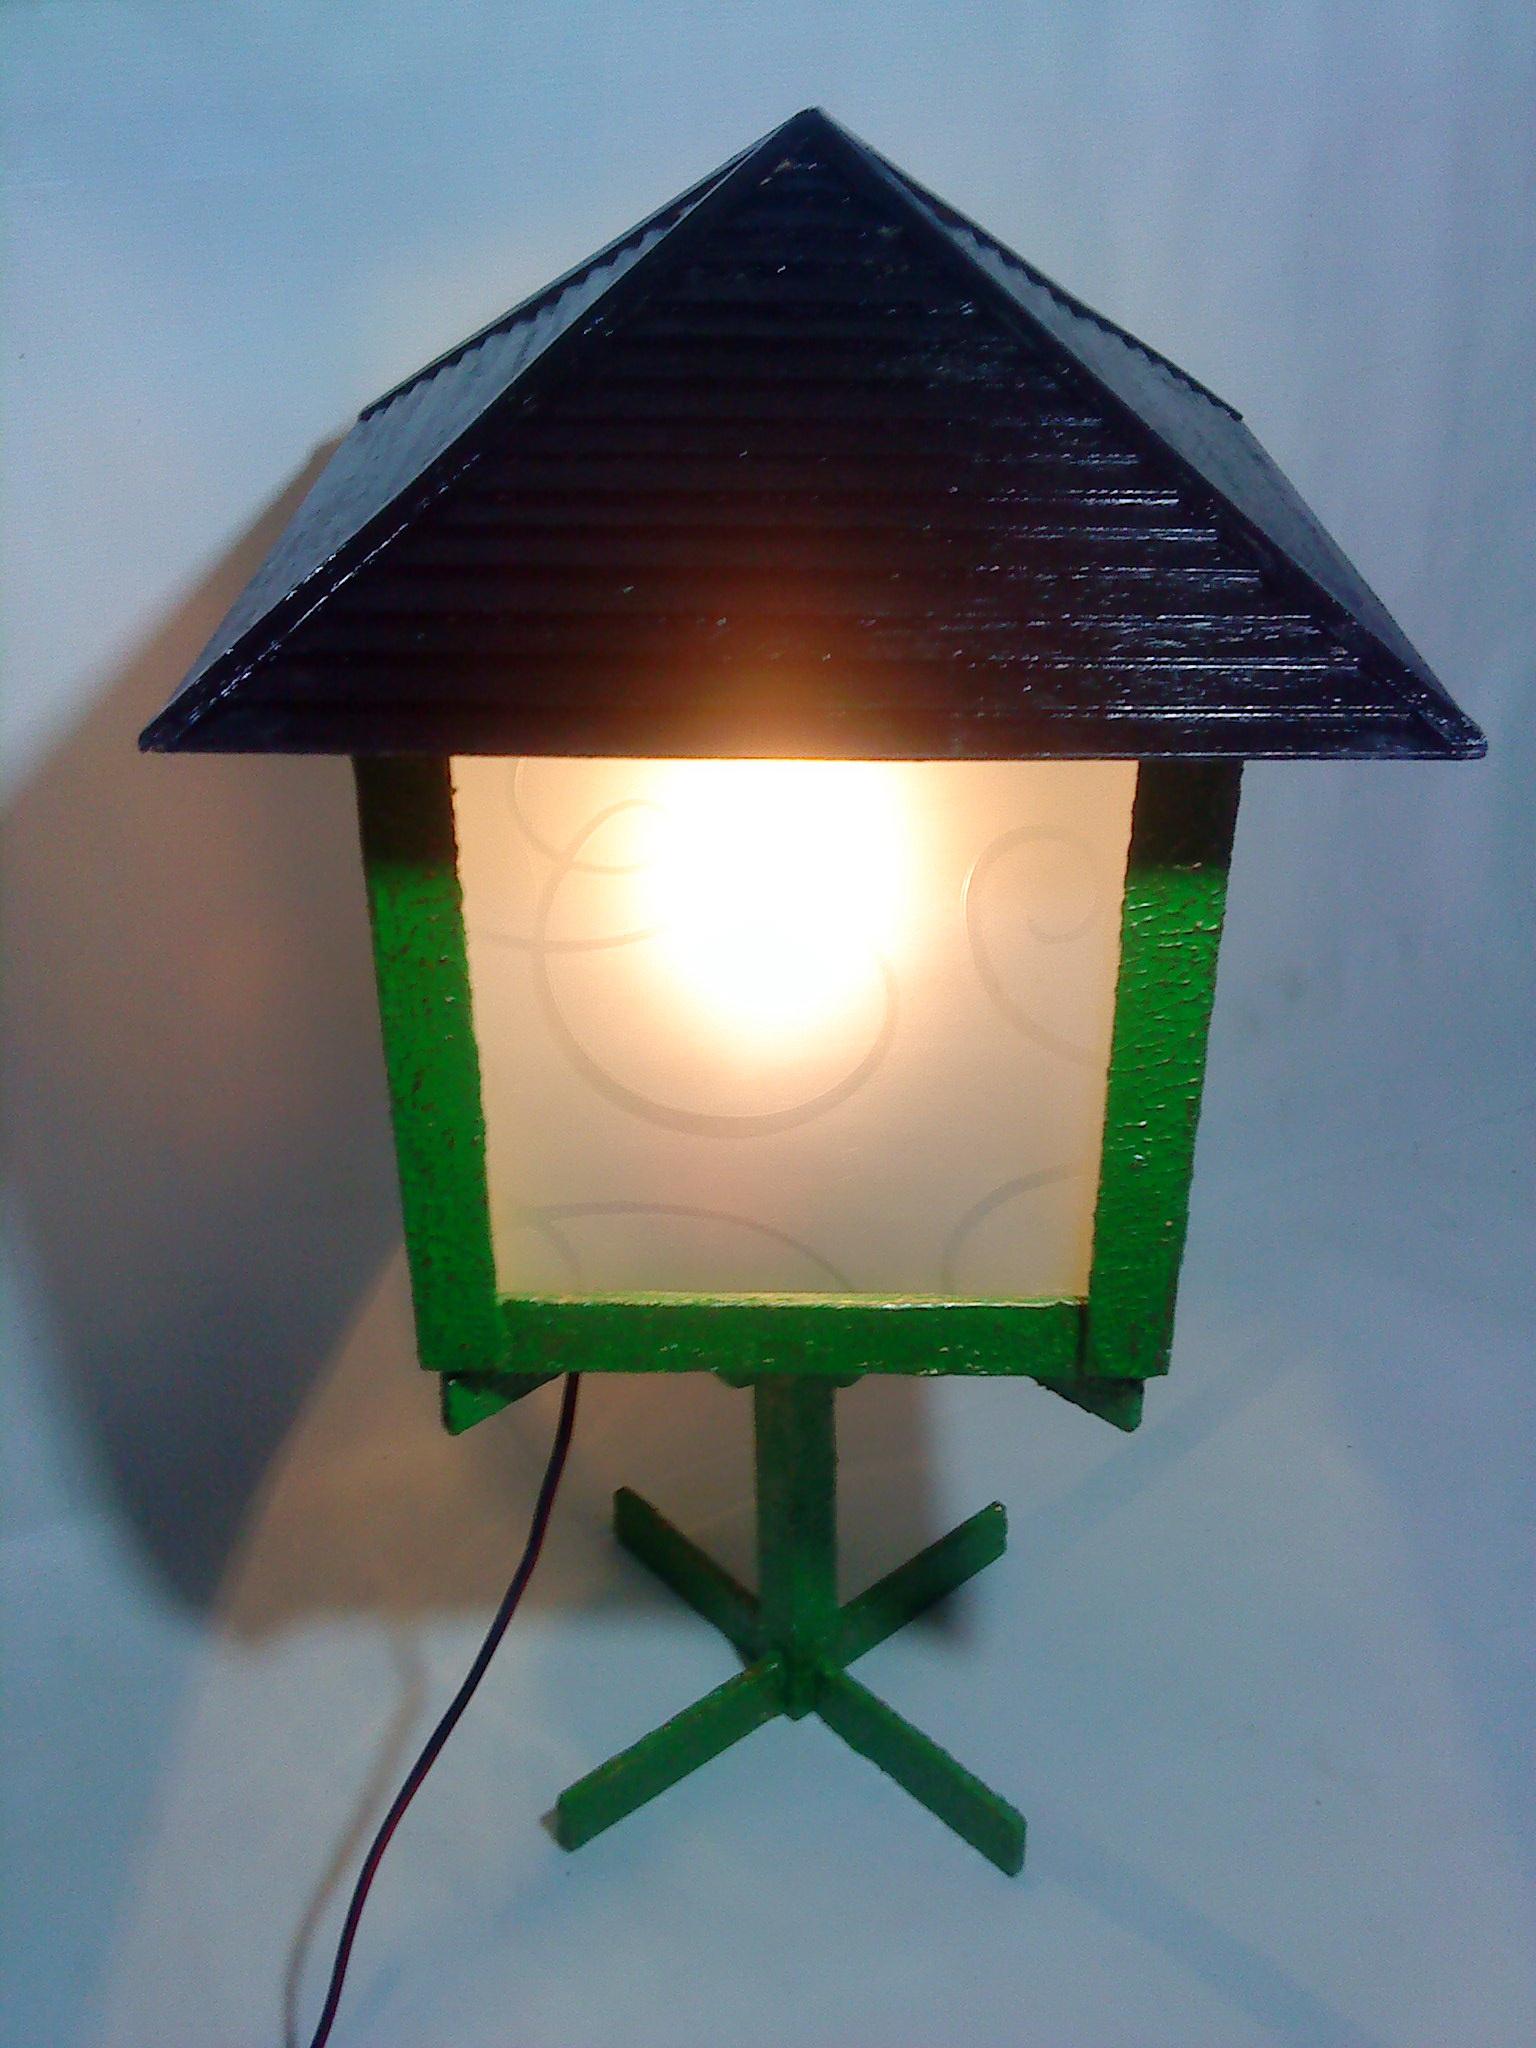 Lampu meja pengantar tidur, produk dari donalterores